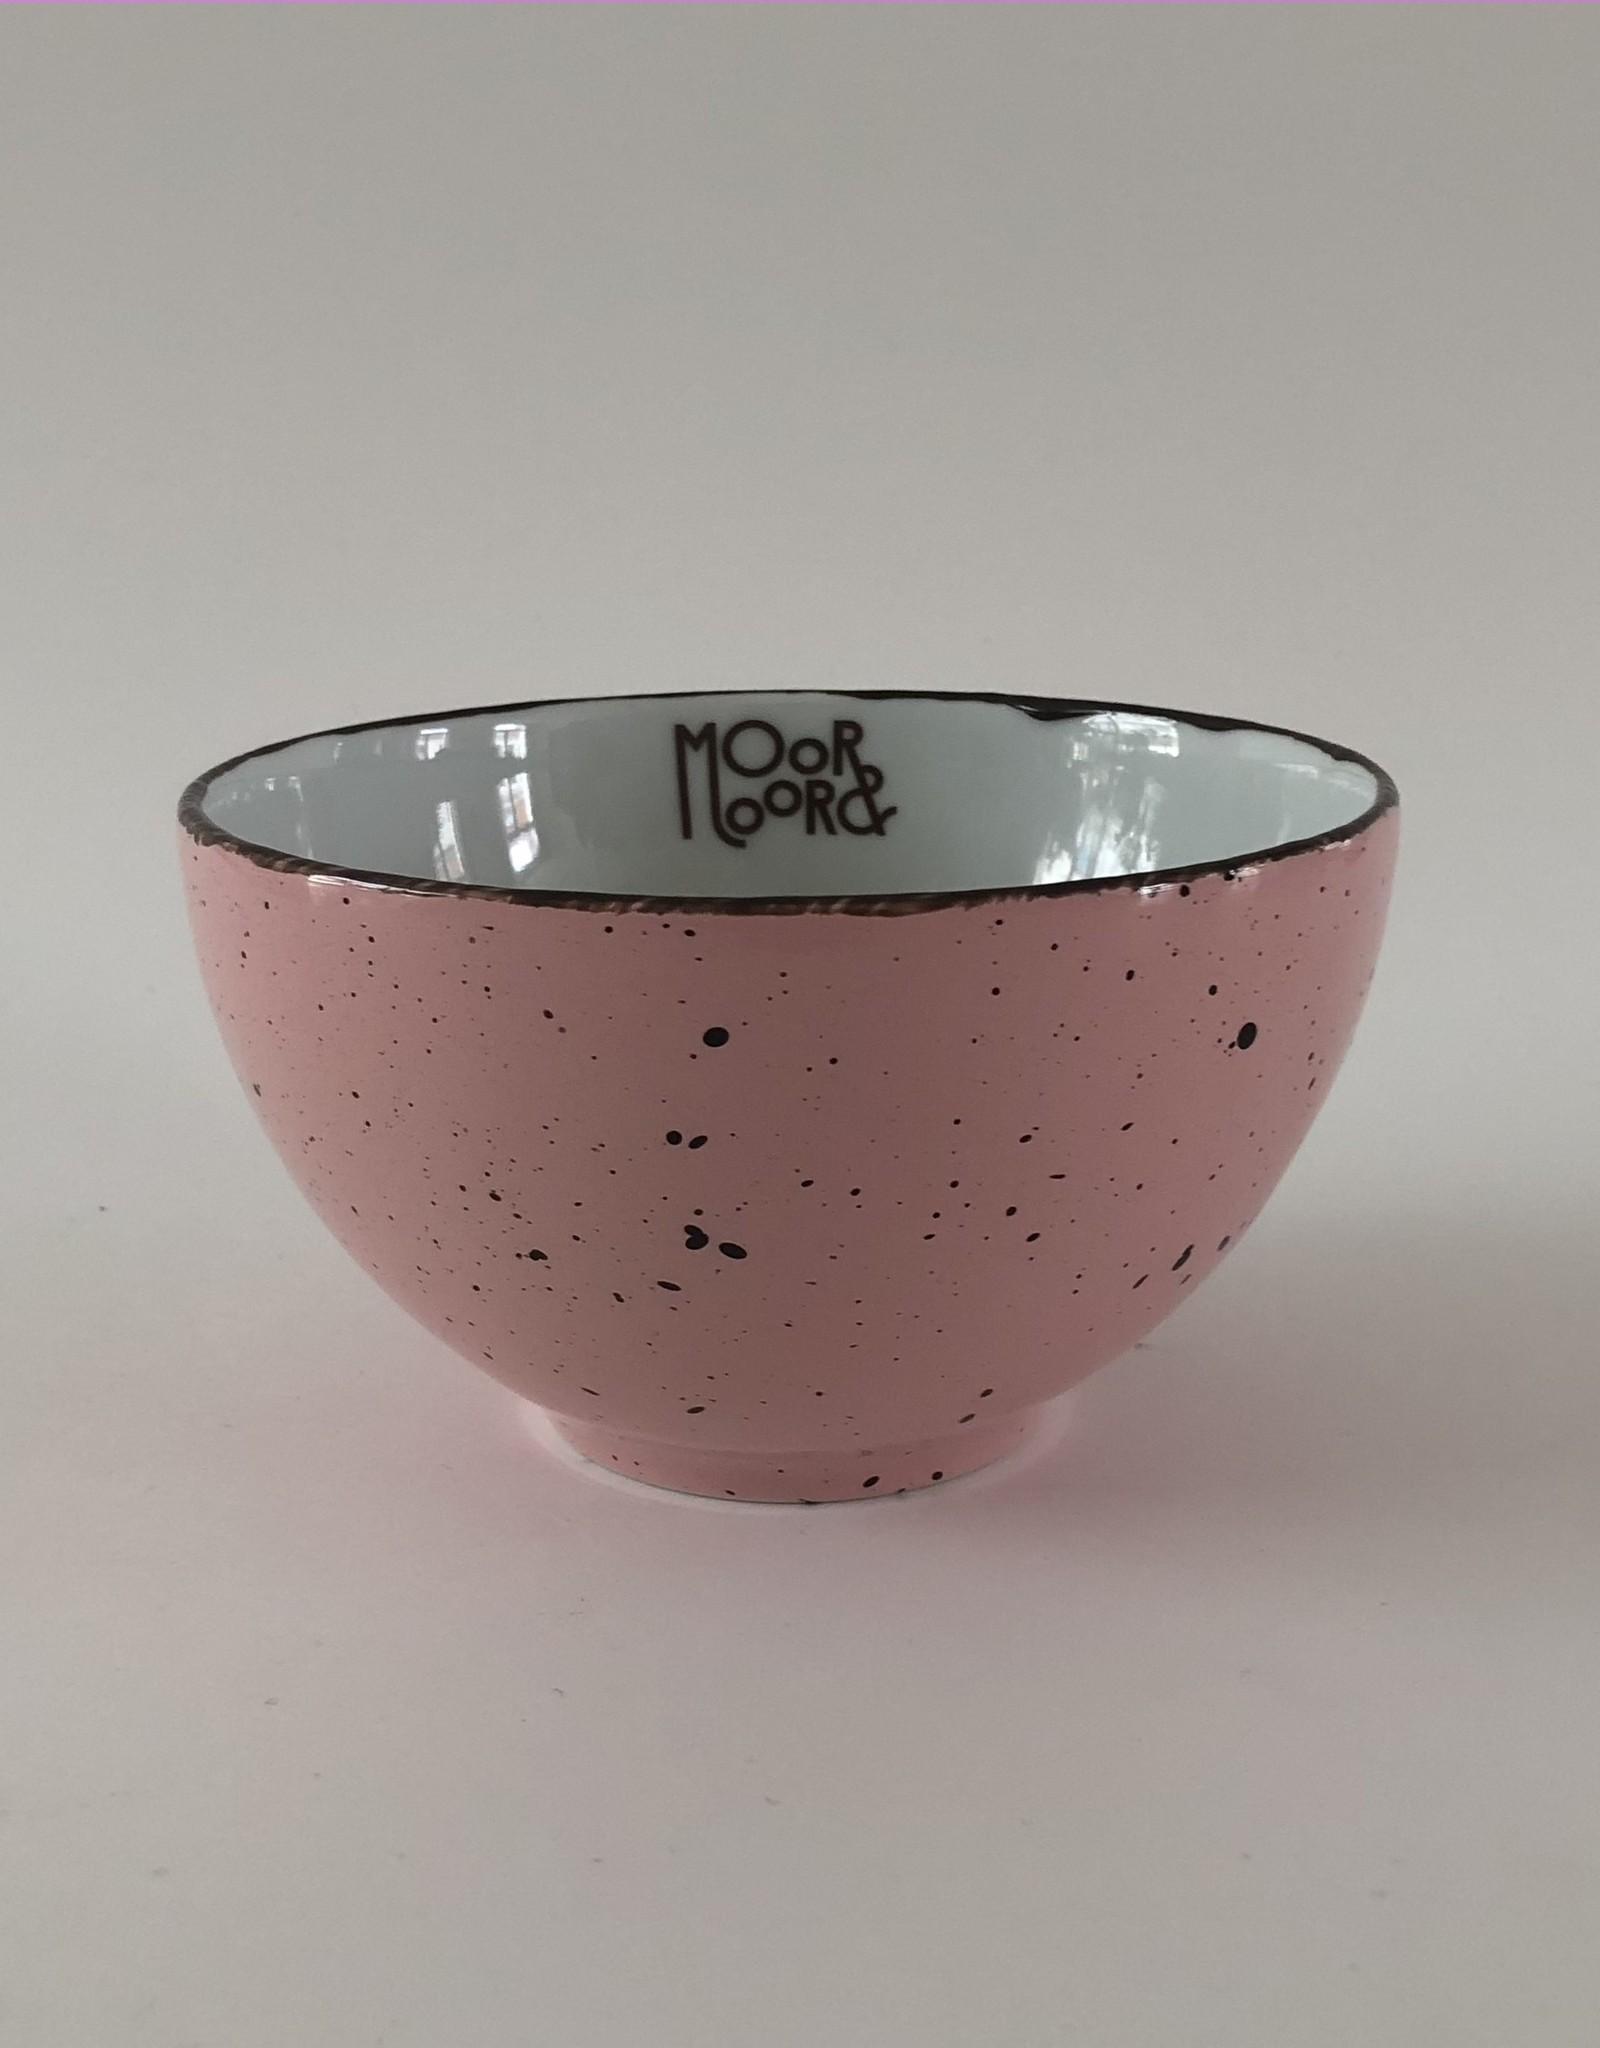 Moor&Moor Bowl